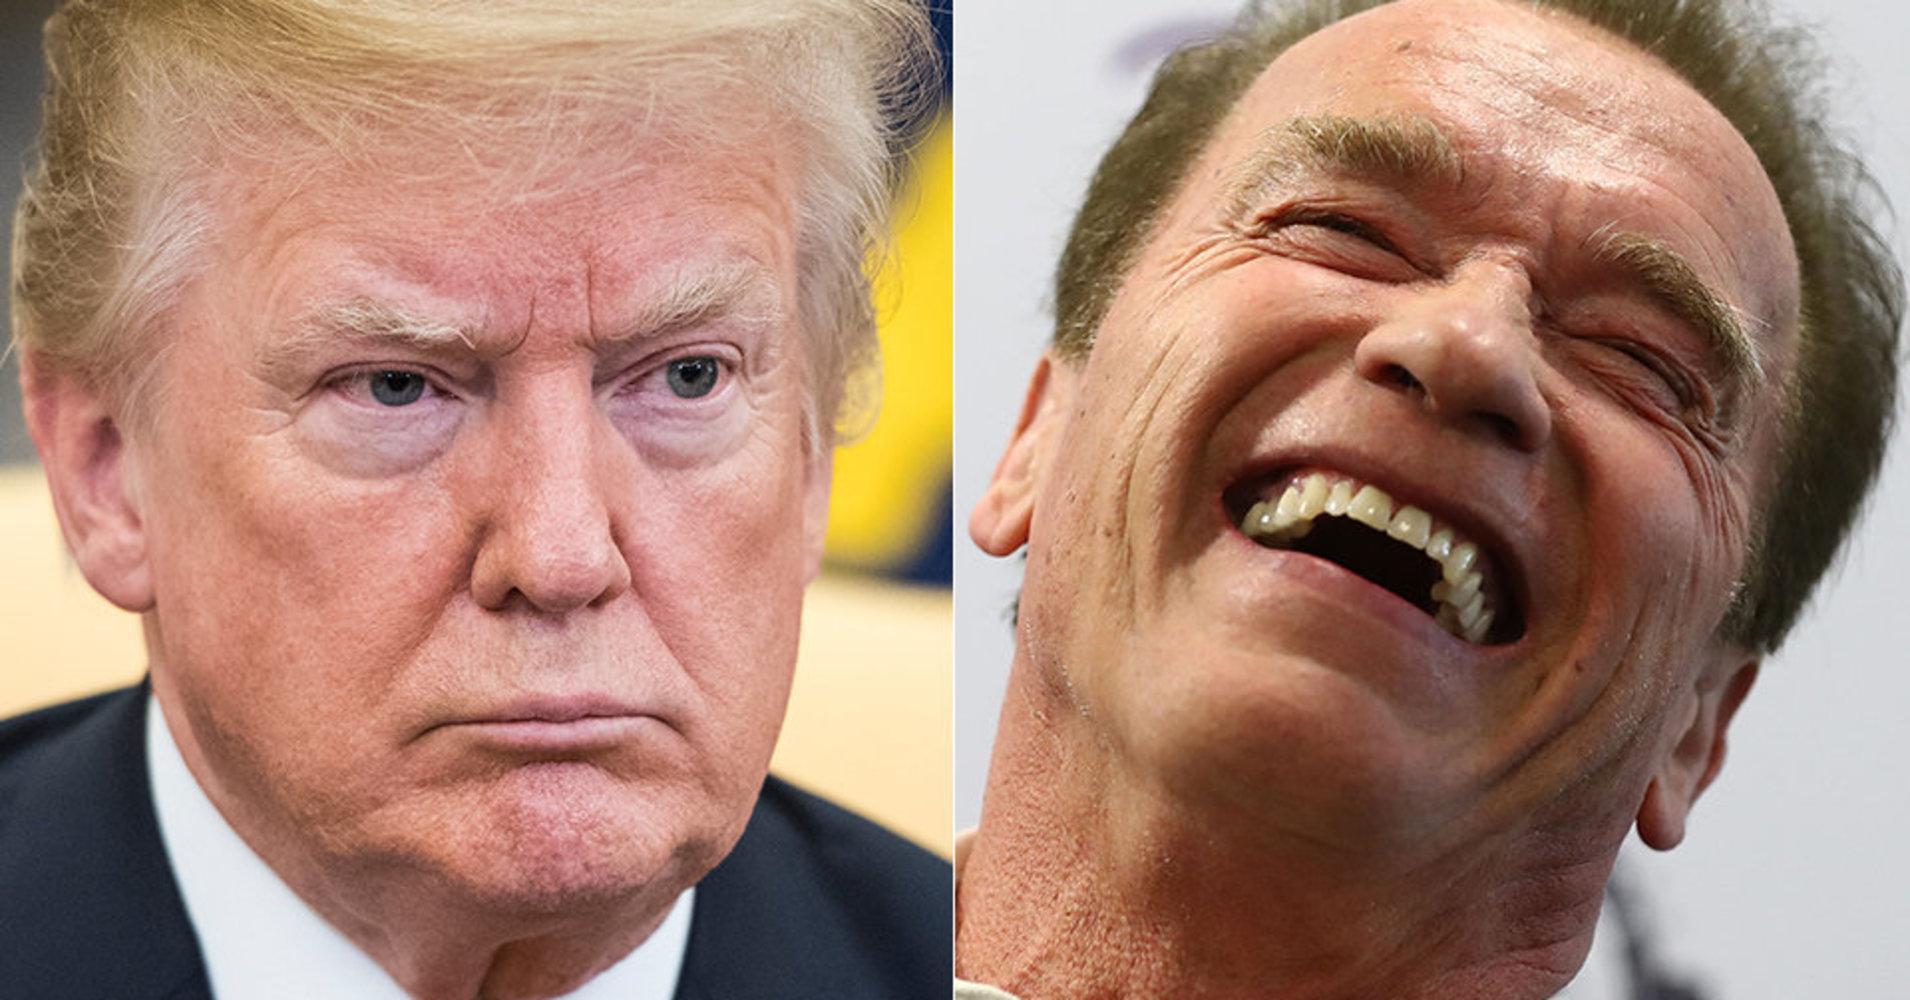 Arnold Schwarzenegger Burns Trump's Coal Plan With One Brutal Tweet